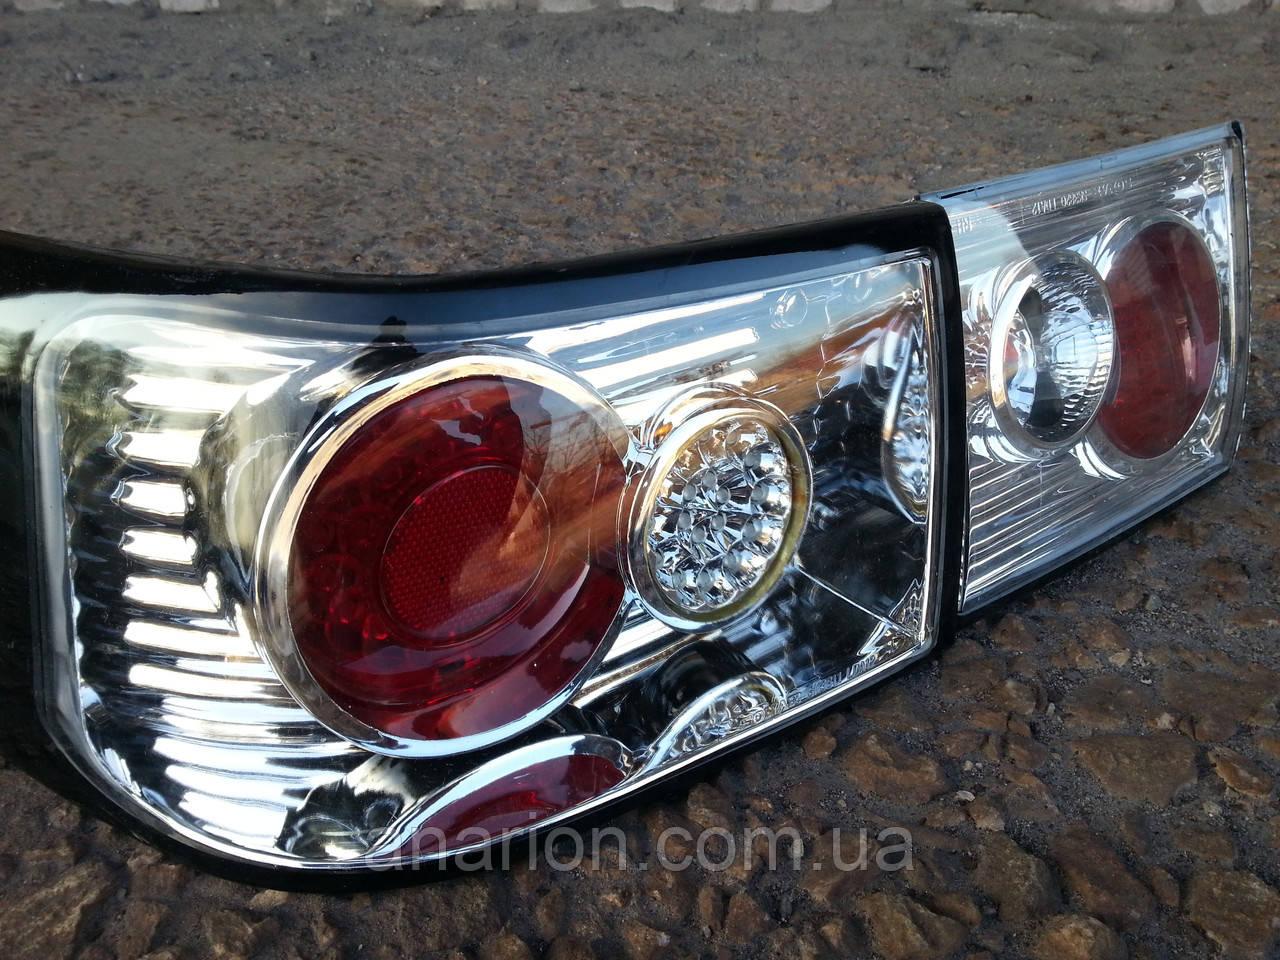 Диодные задние фонари на ВАЗ 2110 модель Лексус